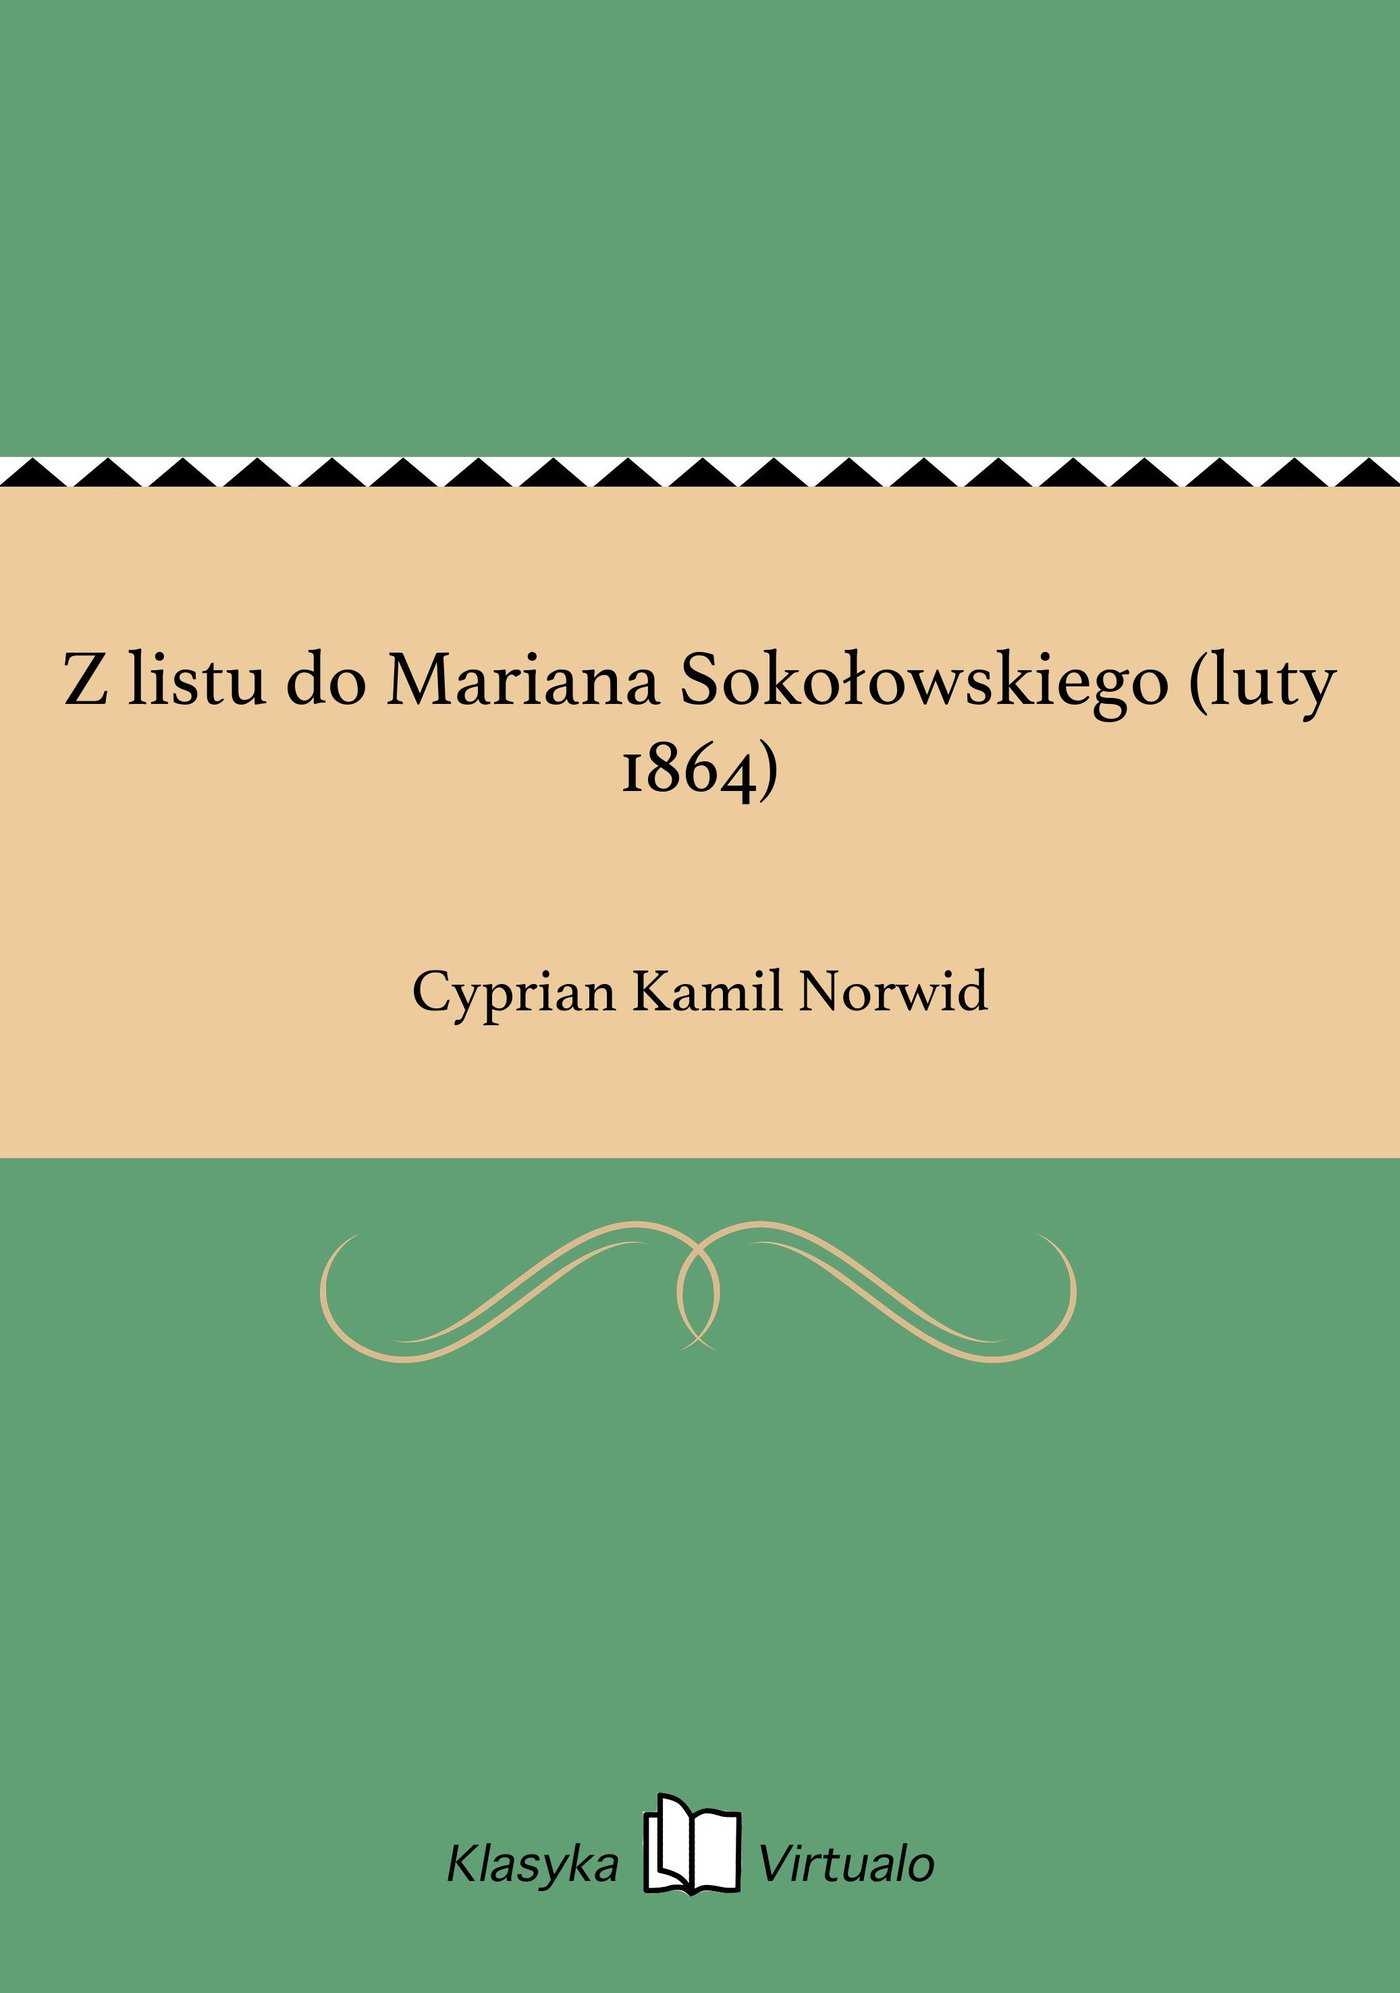 Z listu do Mariana Sokołowskiego (luty 1864) - Ebook (Książka EPUB) do pobrania w formacie EPUB